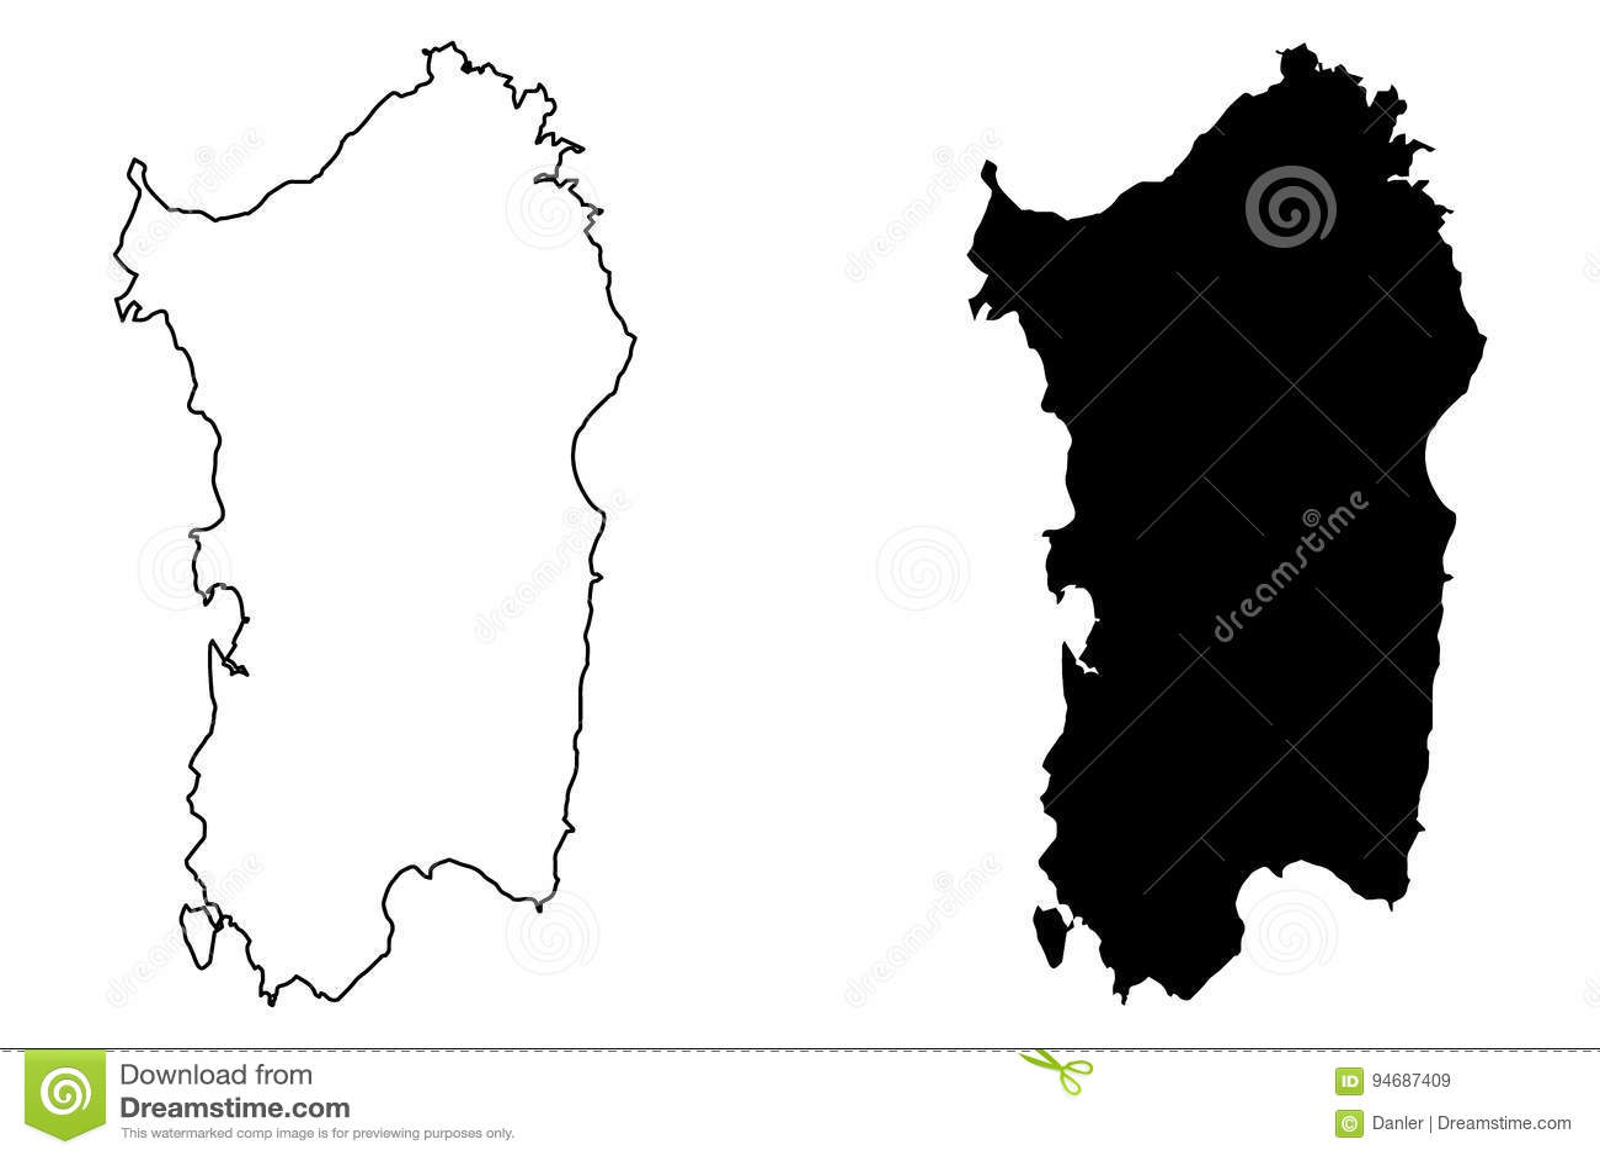 Cartina Sardegna Vettoriale.Vettore Della Mappa Dell Isola Della Sardegna Illustrazione Vettoriale Illustrazione Di Graffiatura Etichetta 94687409